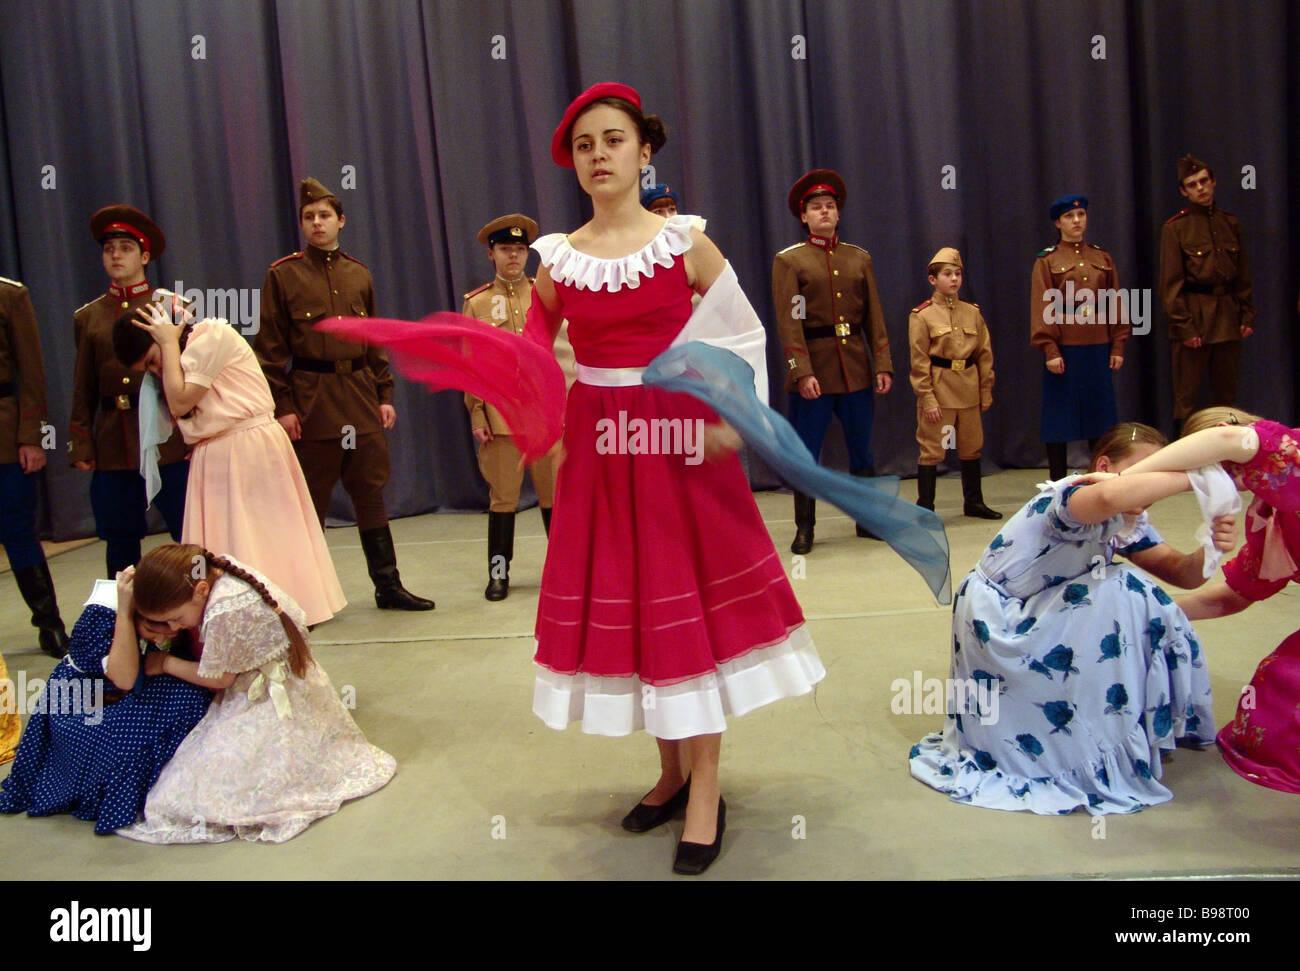 Today is the anniversary of Galina Vishnevskaya 10/25/2011 41